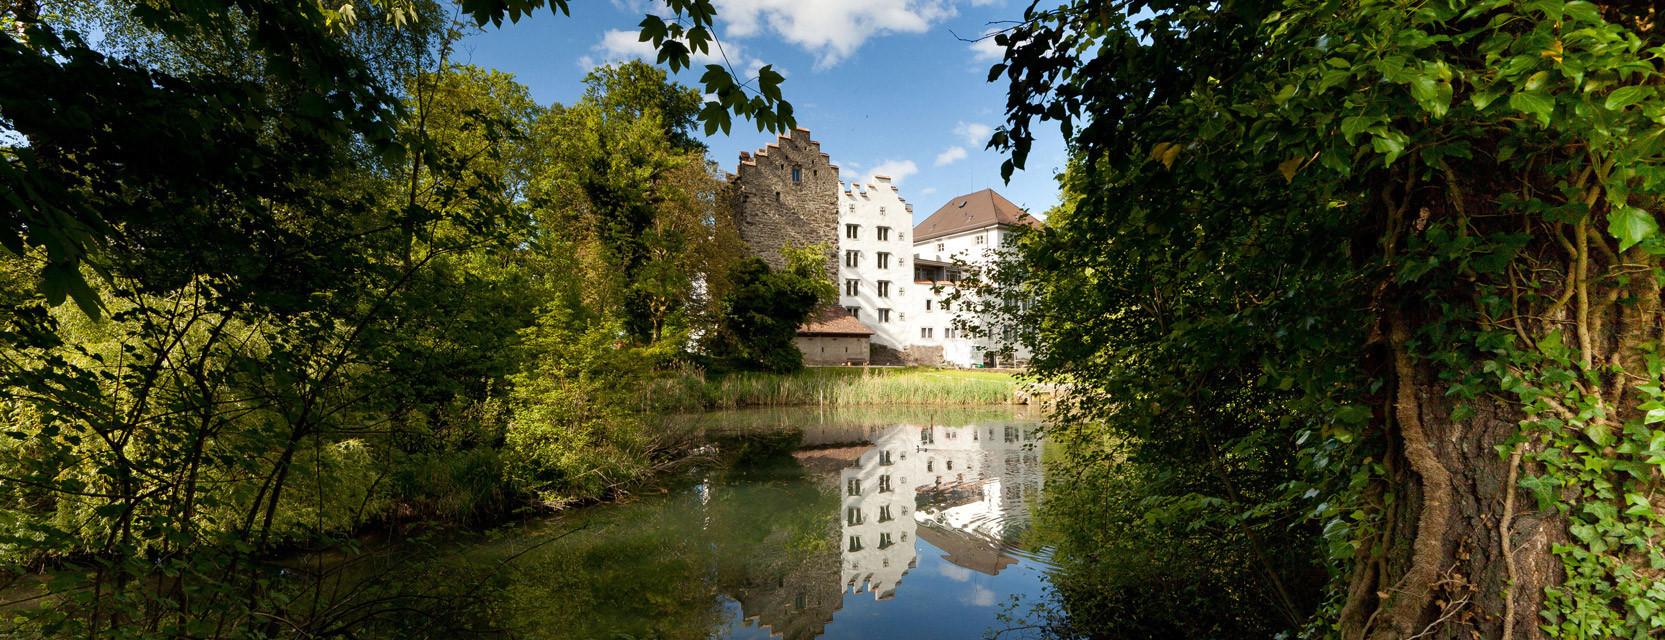 Persönlichkeitsentwicklung für Nachwuchswissenschaftler der Universität St. Gallen auf Schloss Wartensee